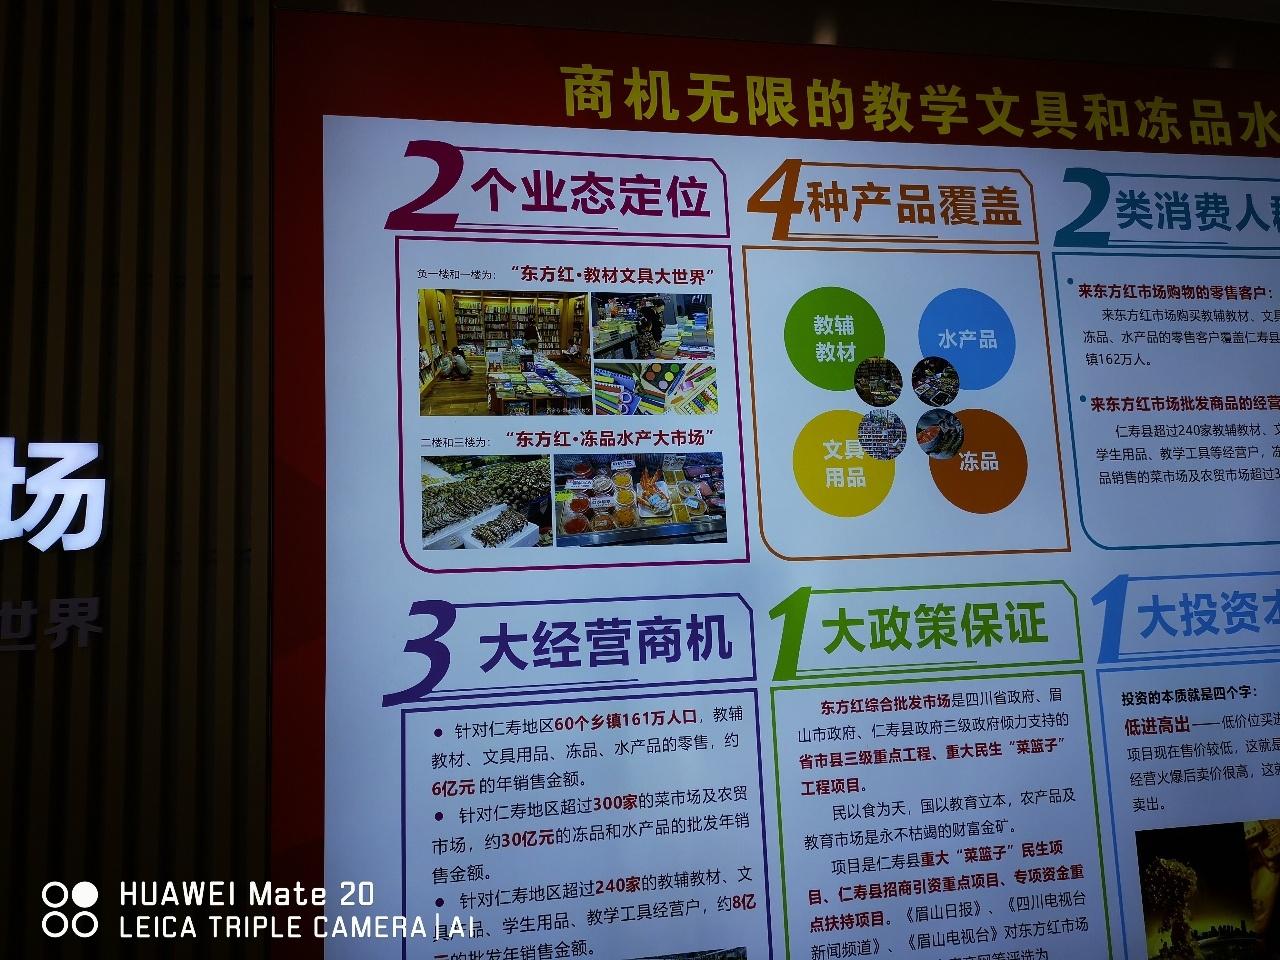 仁寿农贸市场商铺7万元